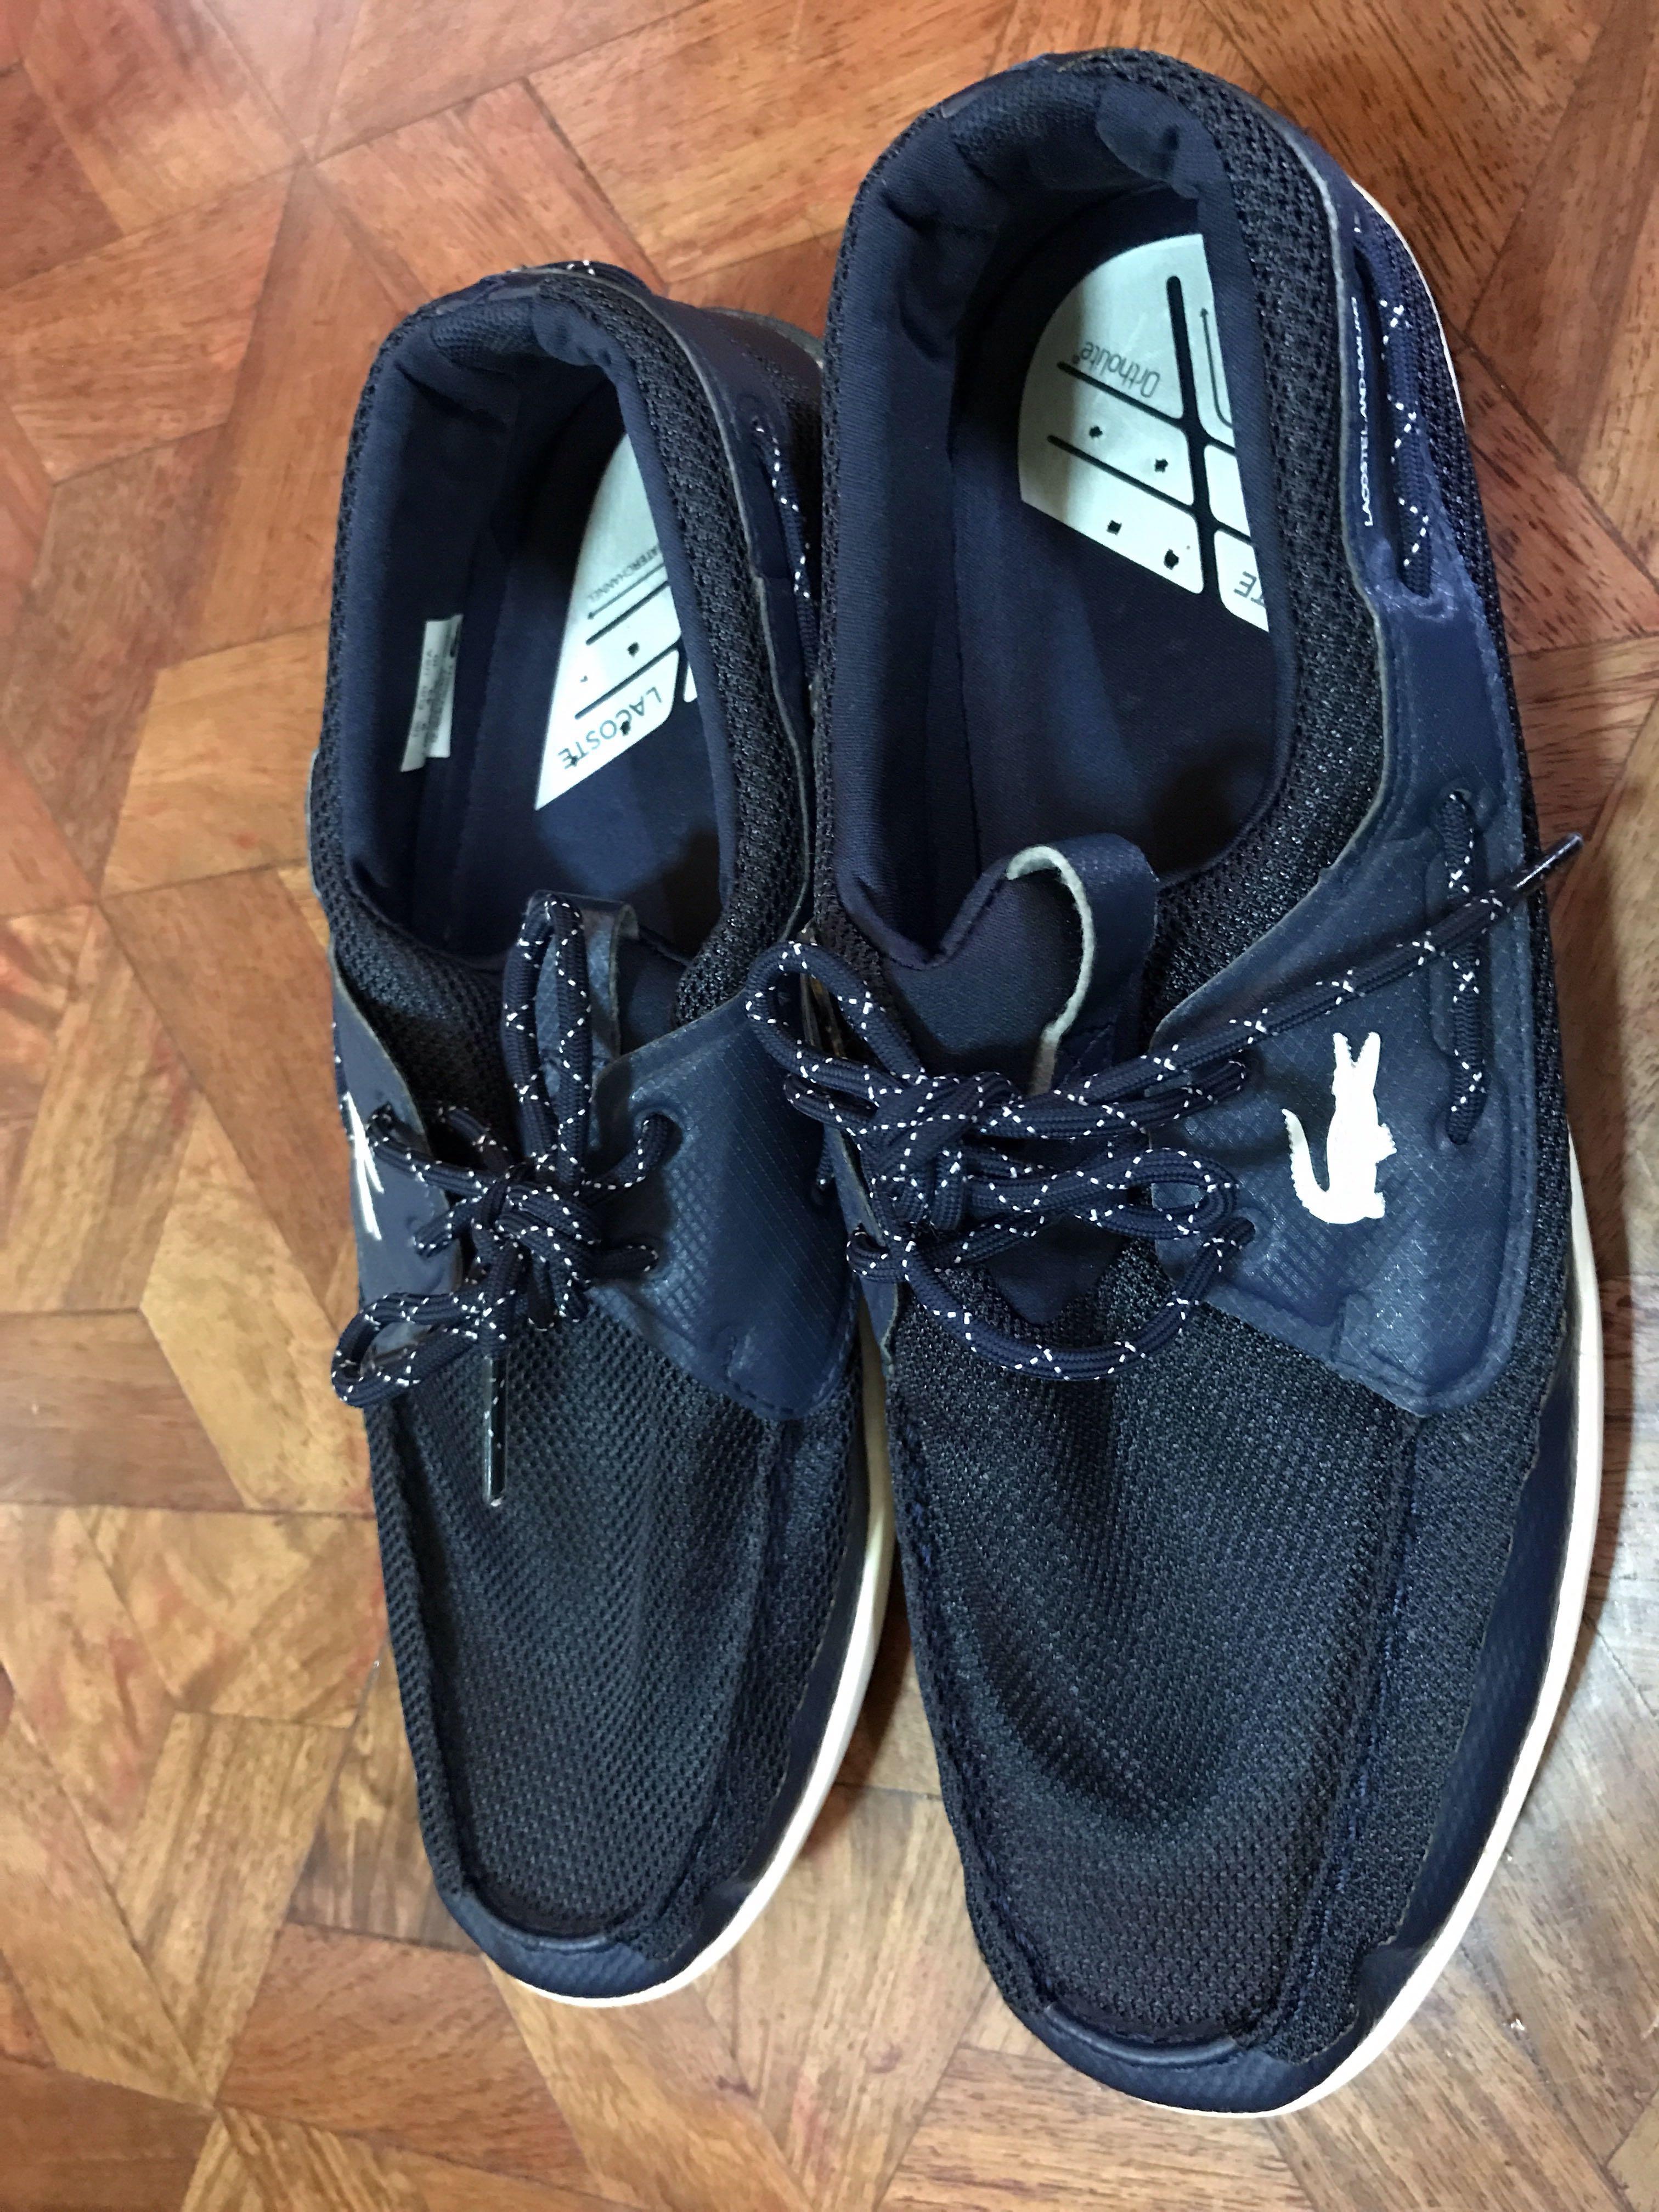 Lacoste Men Landsailing Boat Shoes